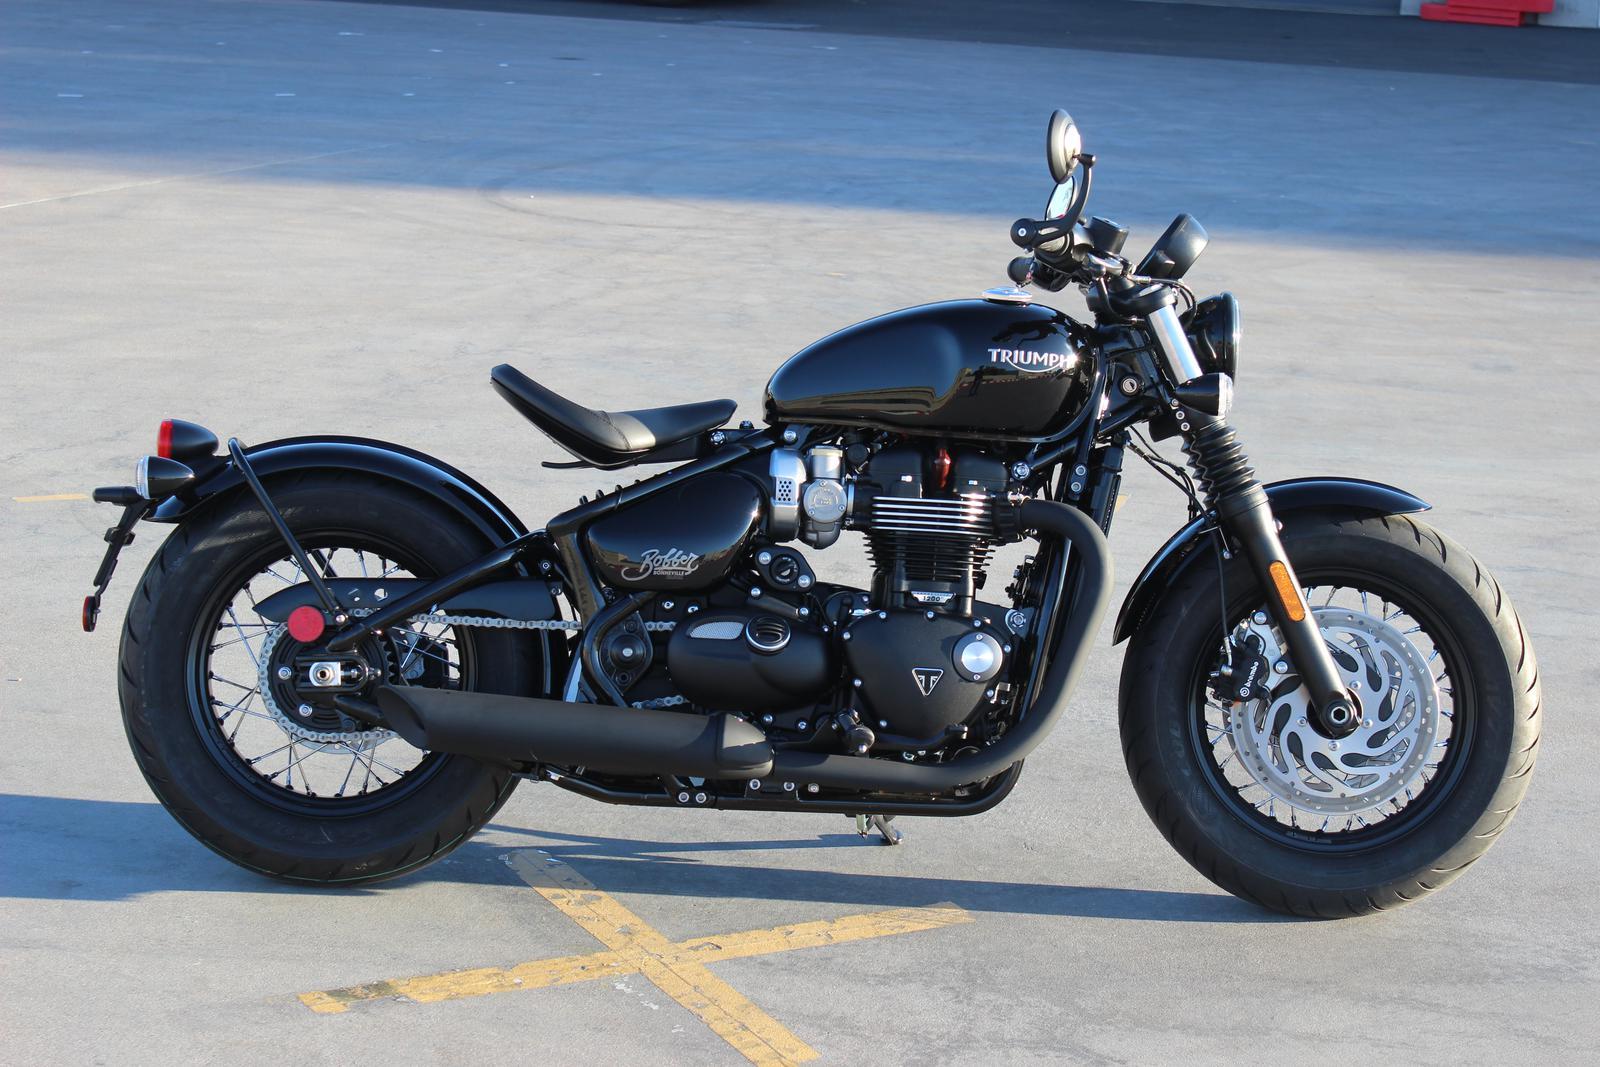 2018 Triumph Bonneville Bobber Black for sale in Scottsdale, AZ | GO ...